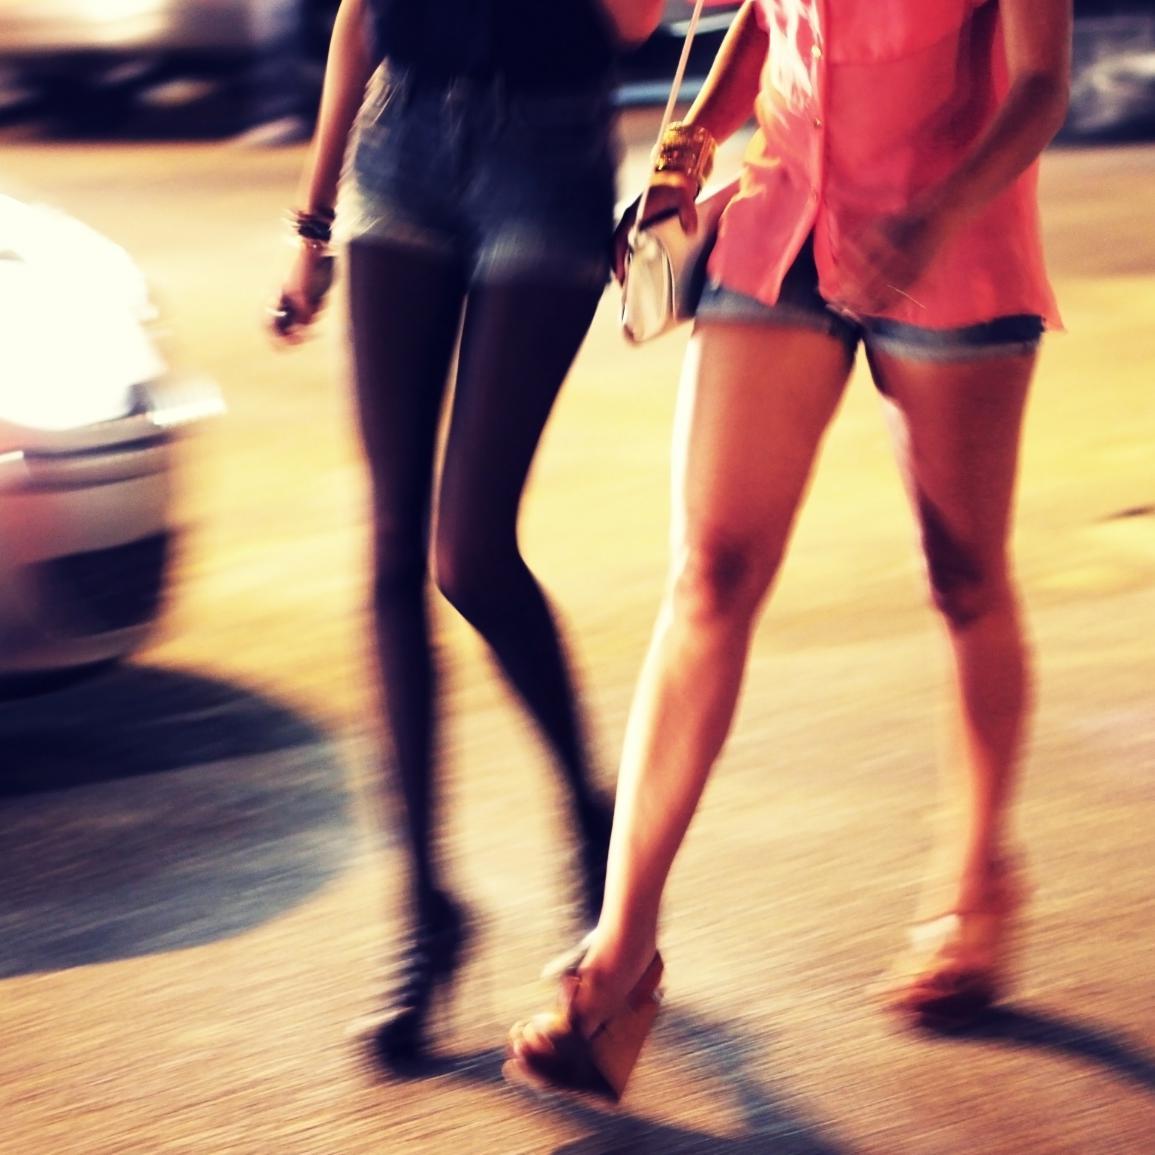 trois hommes condamn s pour avoir aid des ados se prostituer elle. Black Bedroom Furniture Sets. Home Design Ideas